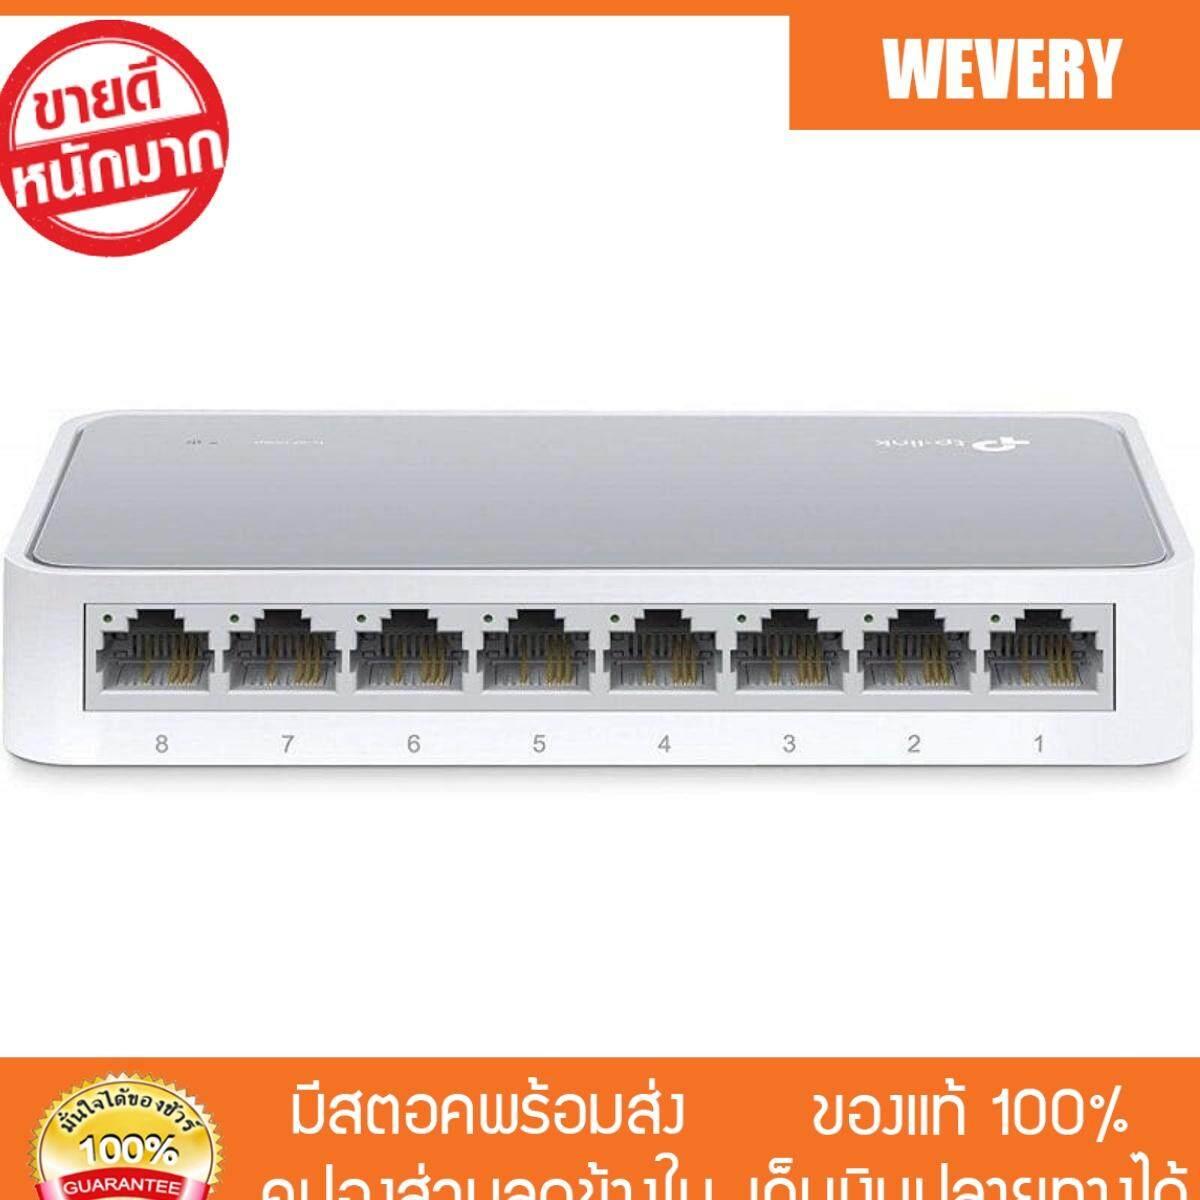 สุดยอดสินค้า!! [Wevery] สวิตซ์ฮับ TP-Link รุ่น TL-SF1008D8-port 10/100M mini Desktop Switch hub switch ส่ง Kerry เก็บปลายทางได้